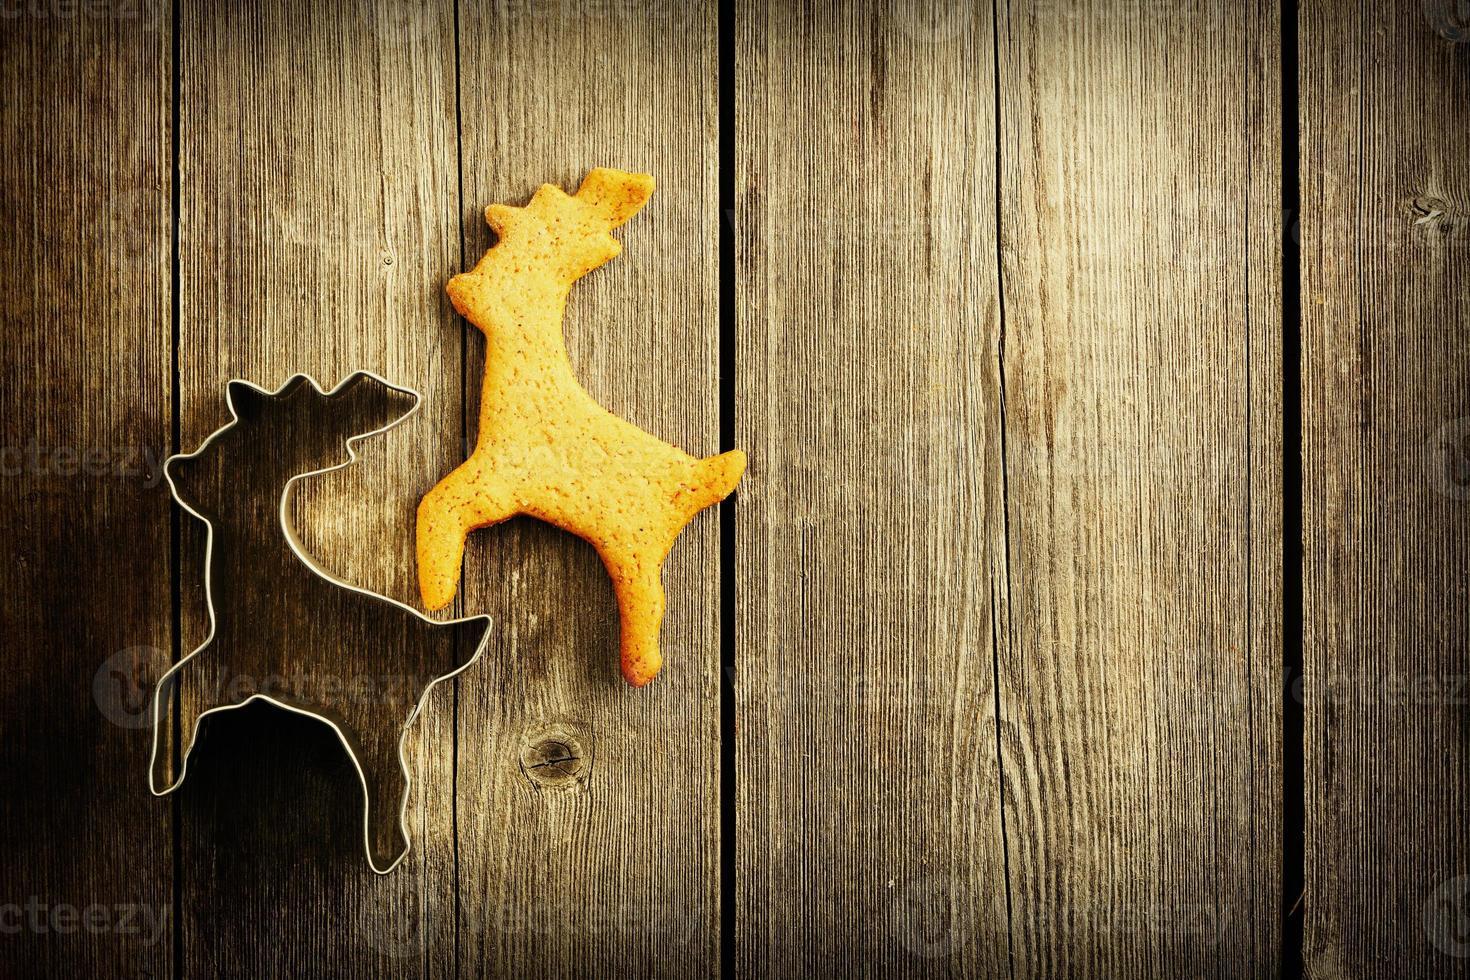 kerst zelfgemaakte peperkoek herten koekje foto